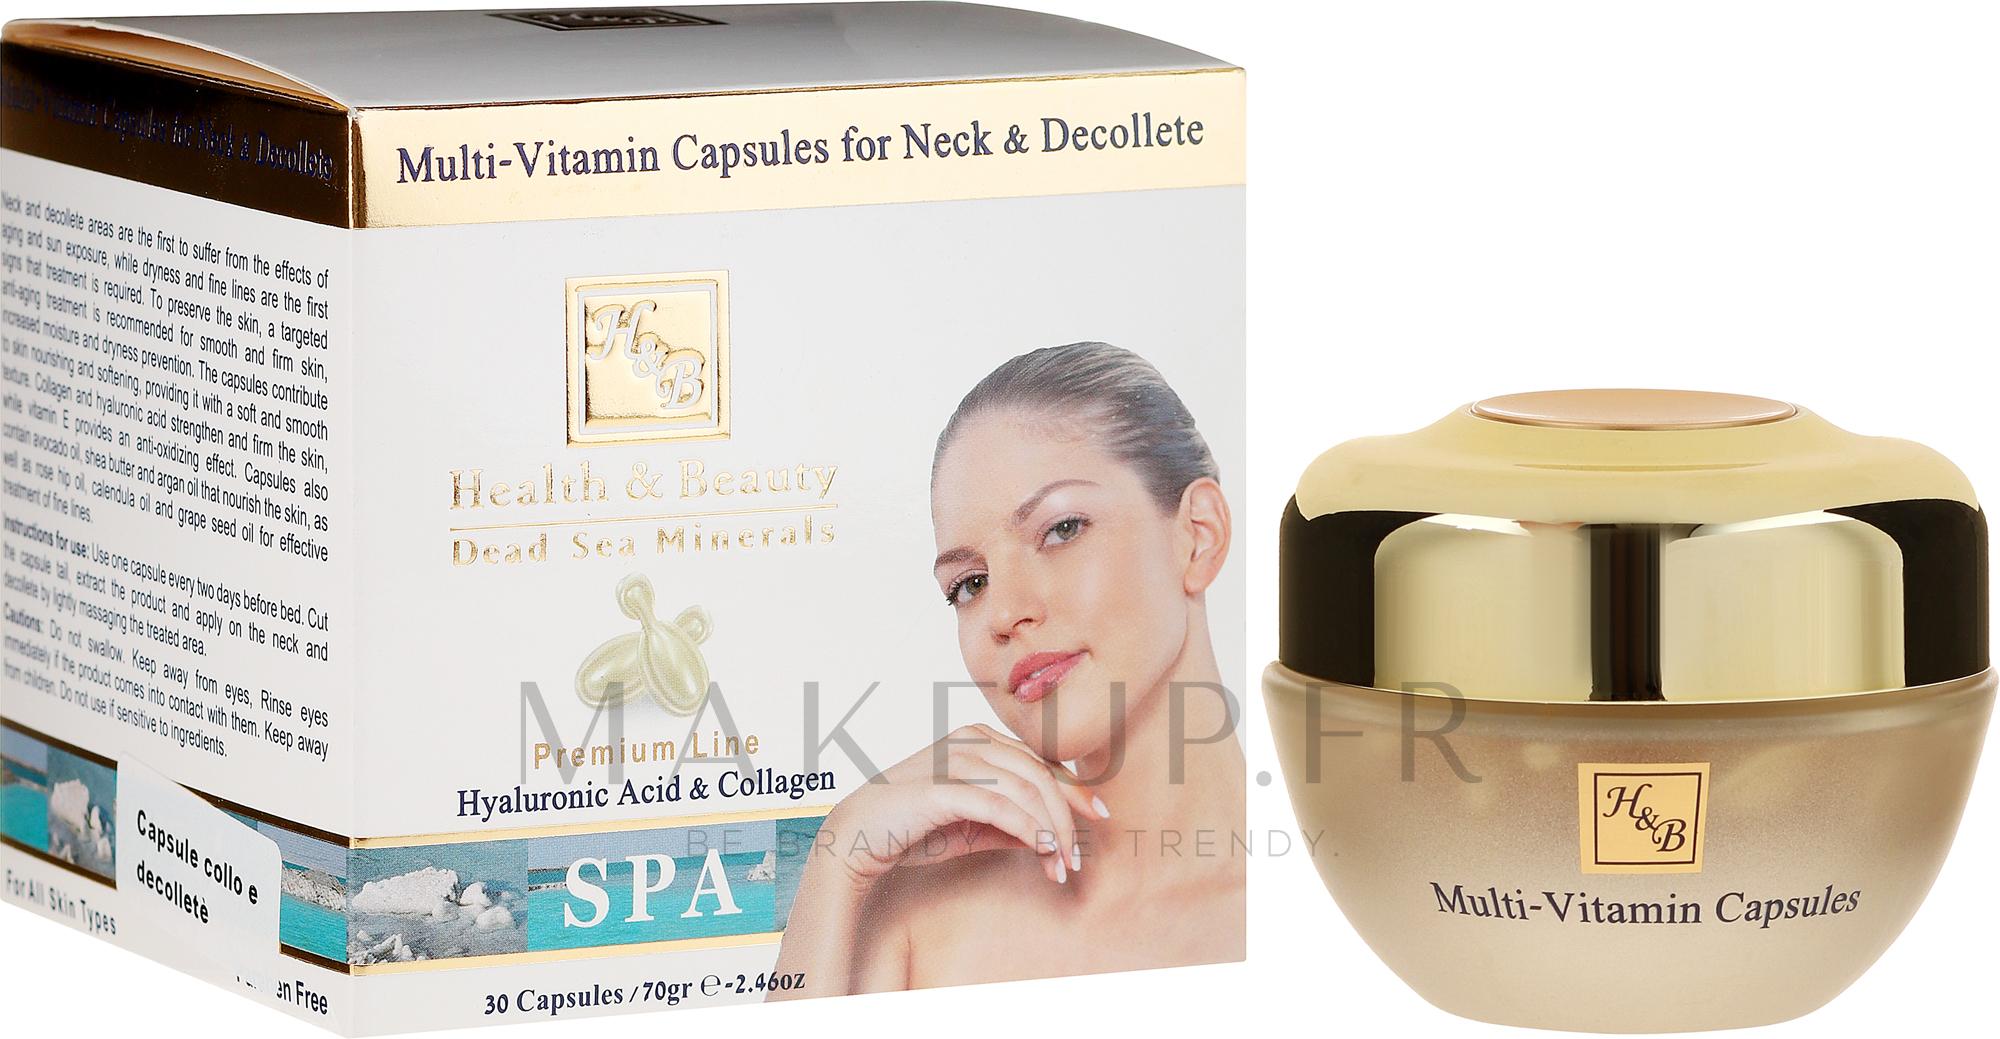 Soin en capsules à l'acide hyaluronique et collagène pour cou et décolleté - Health And Beauty Multi-Vitamin Capsules For Neck And Decollete — Photo 30 pcs.